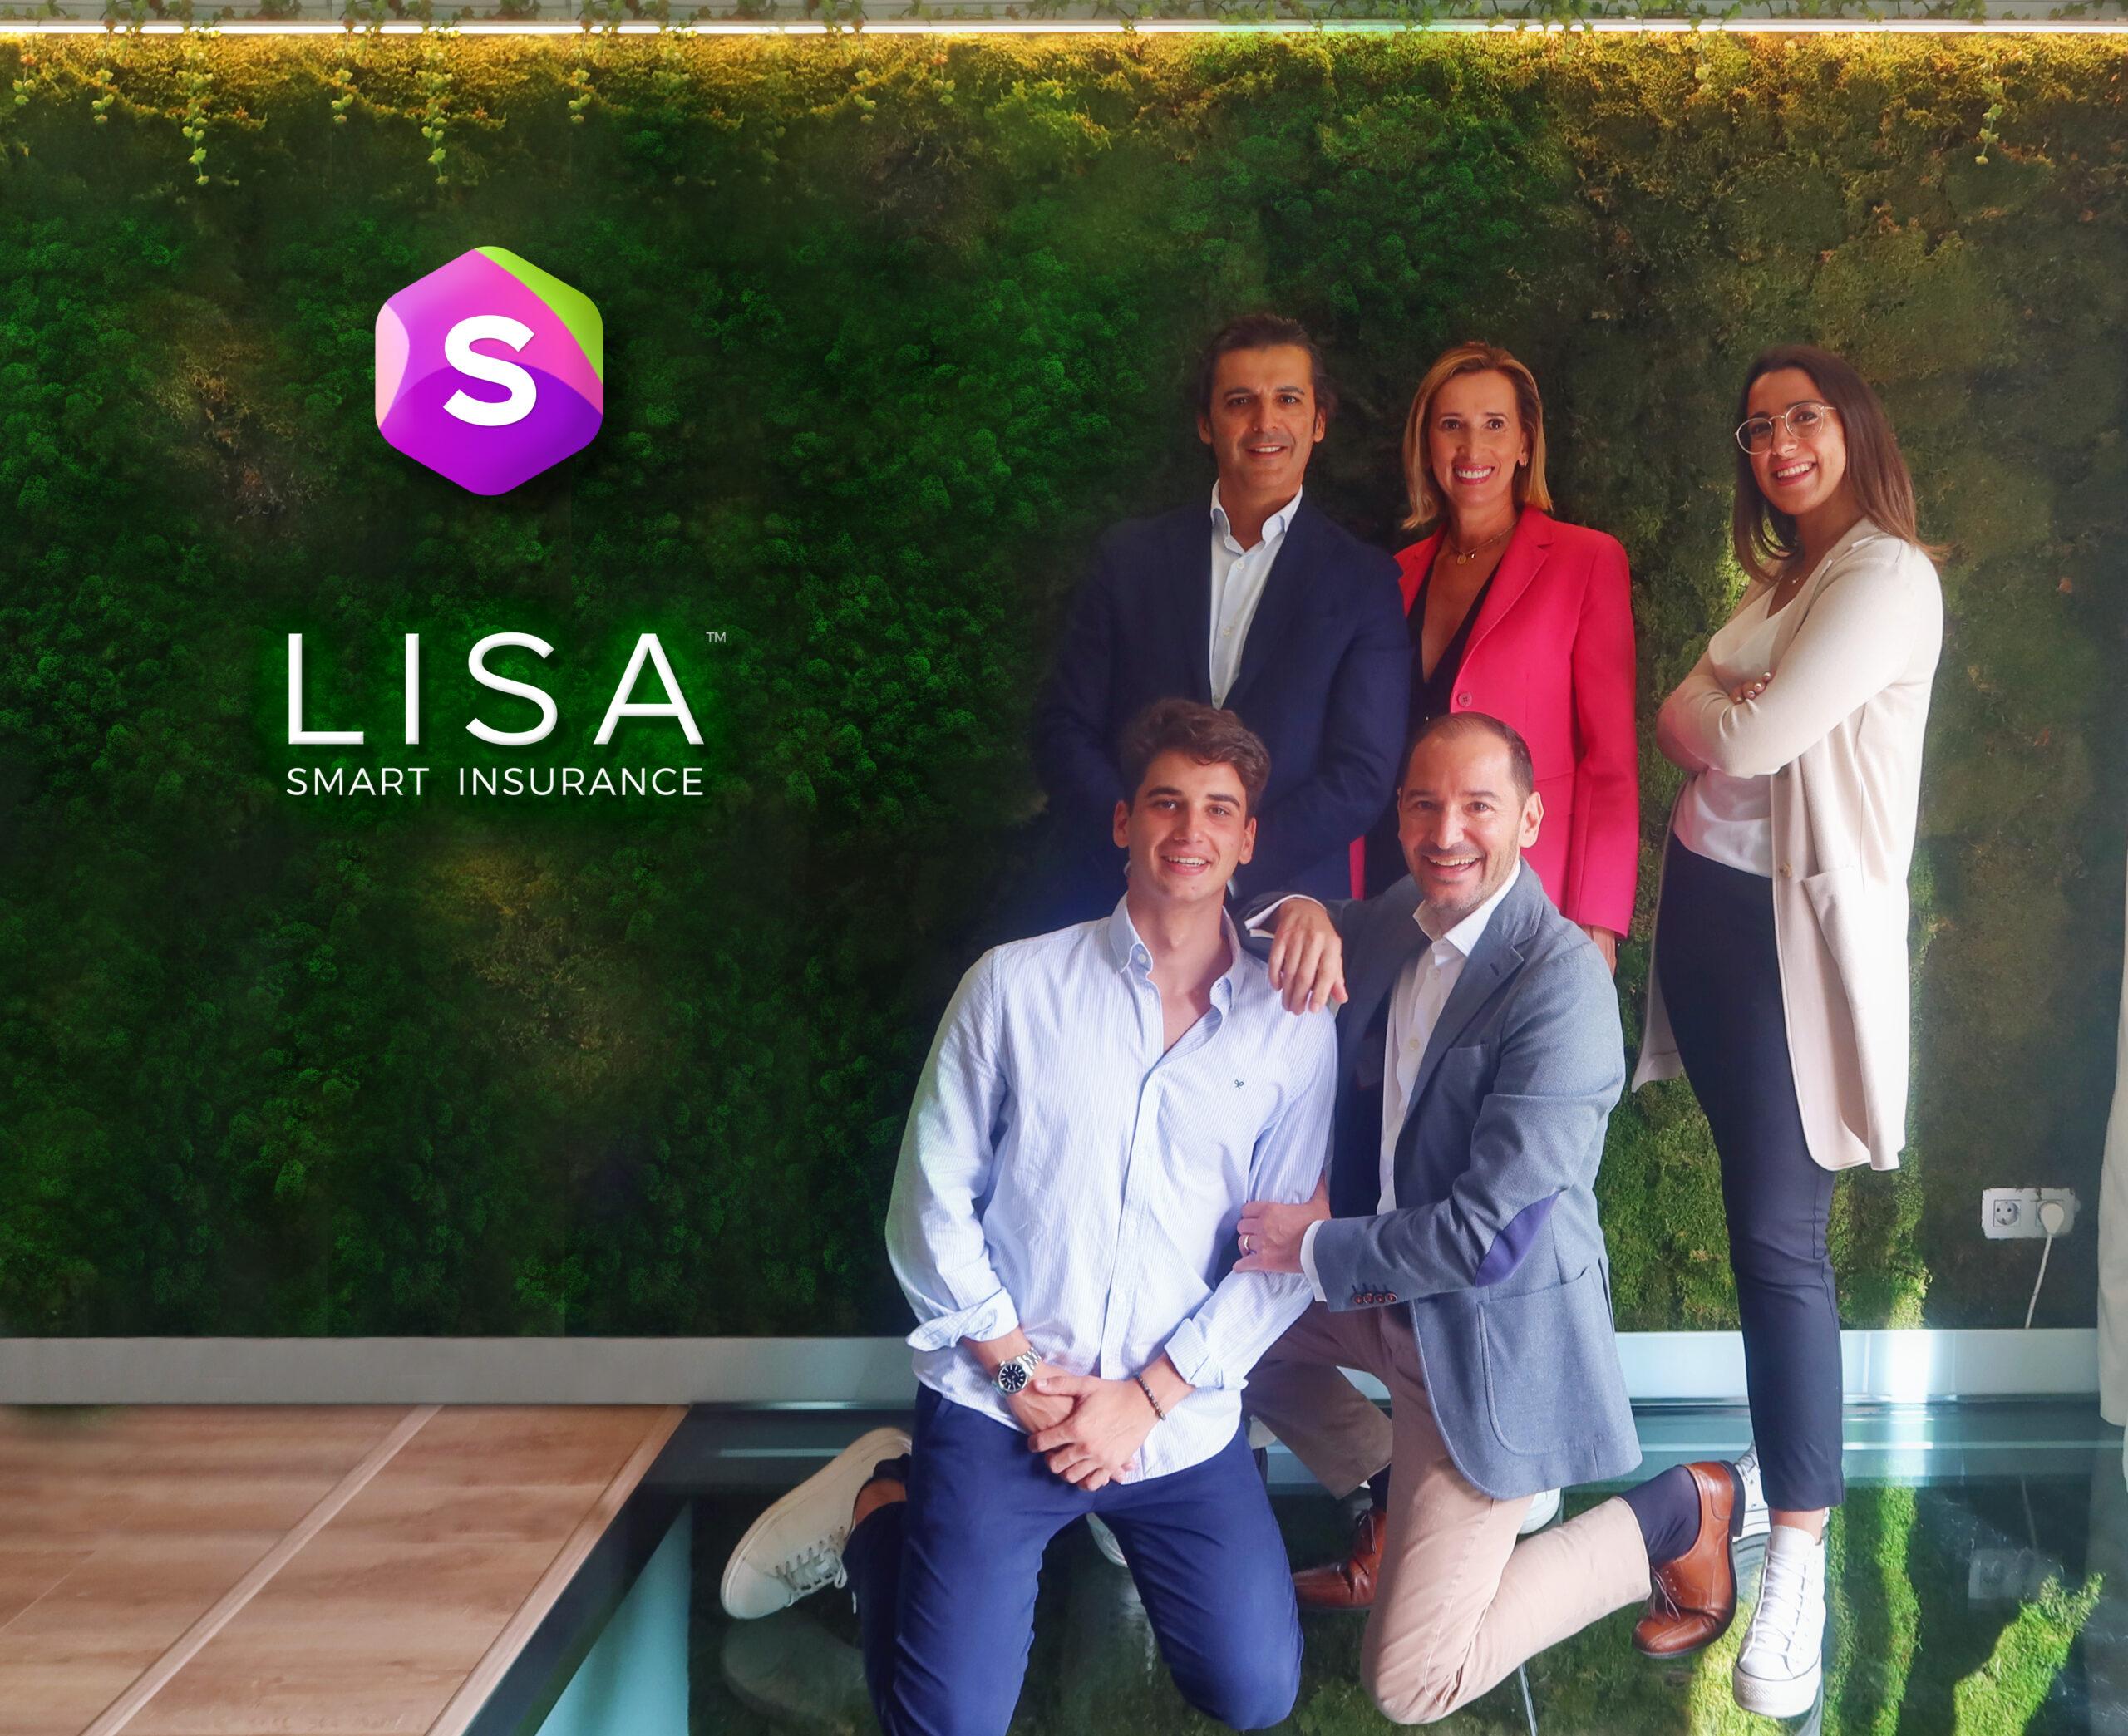 LISA nace del binomio perfecto entre seguros y tecnología